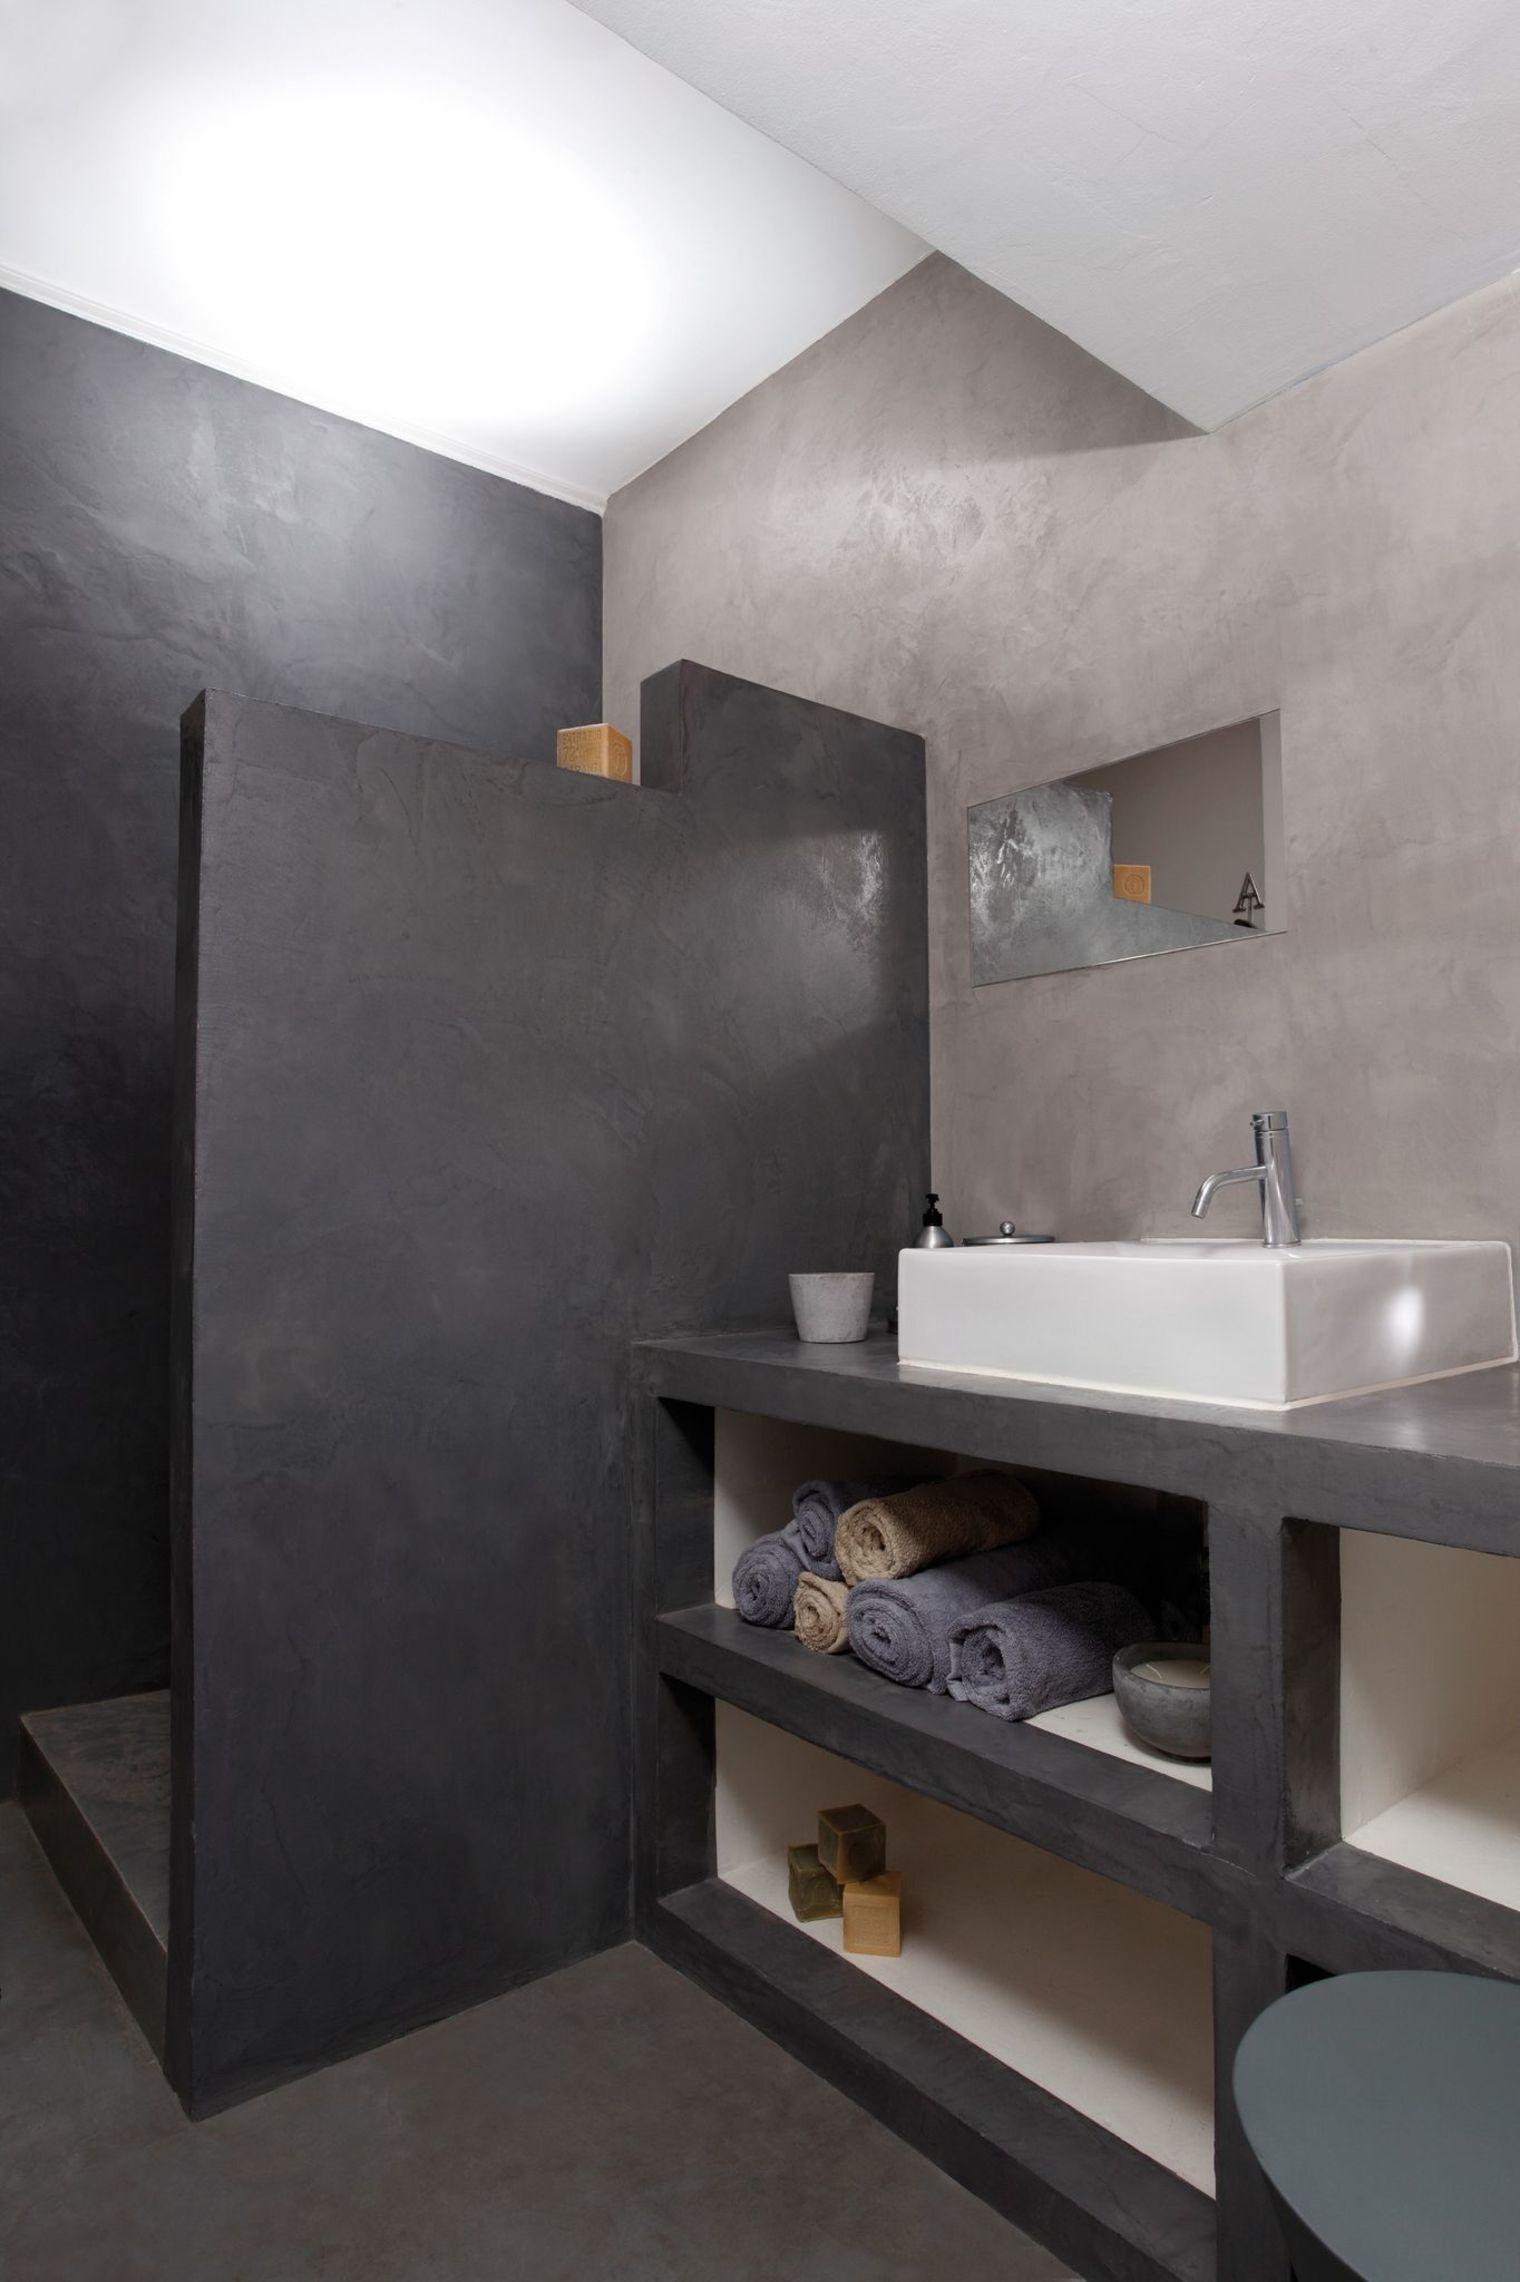 Petite salle de bain douche italienne for Plan salle de bains d